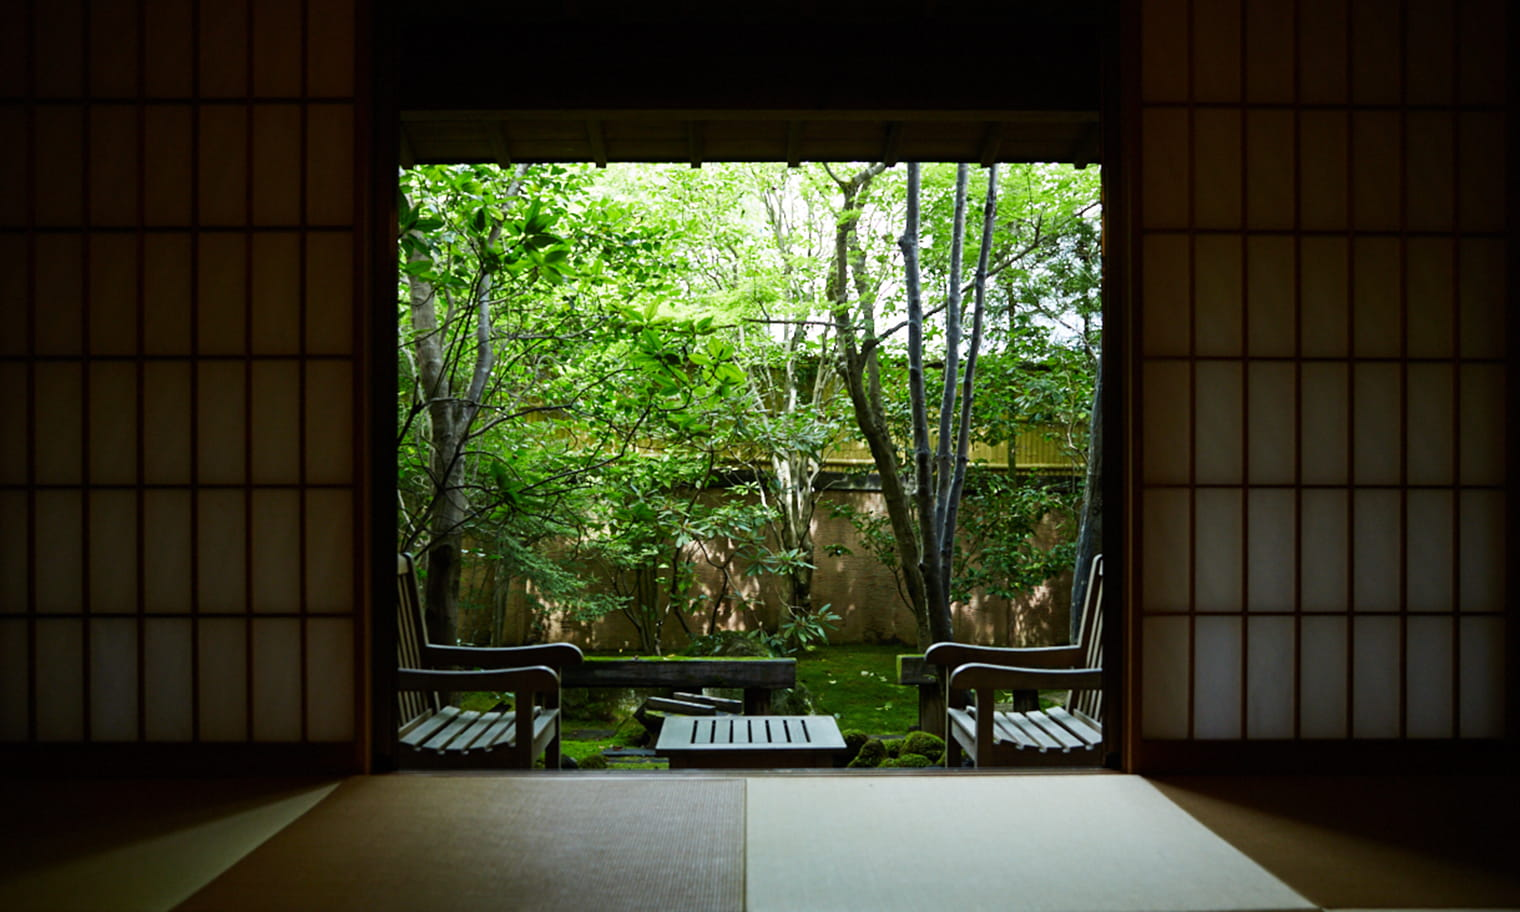 草庵秋桜 離れ二階屋 内装イメージ